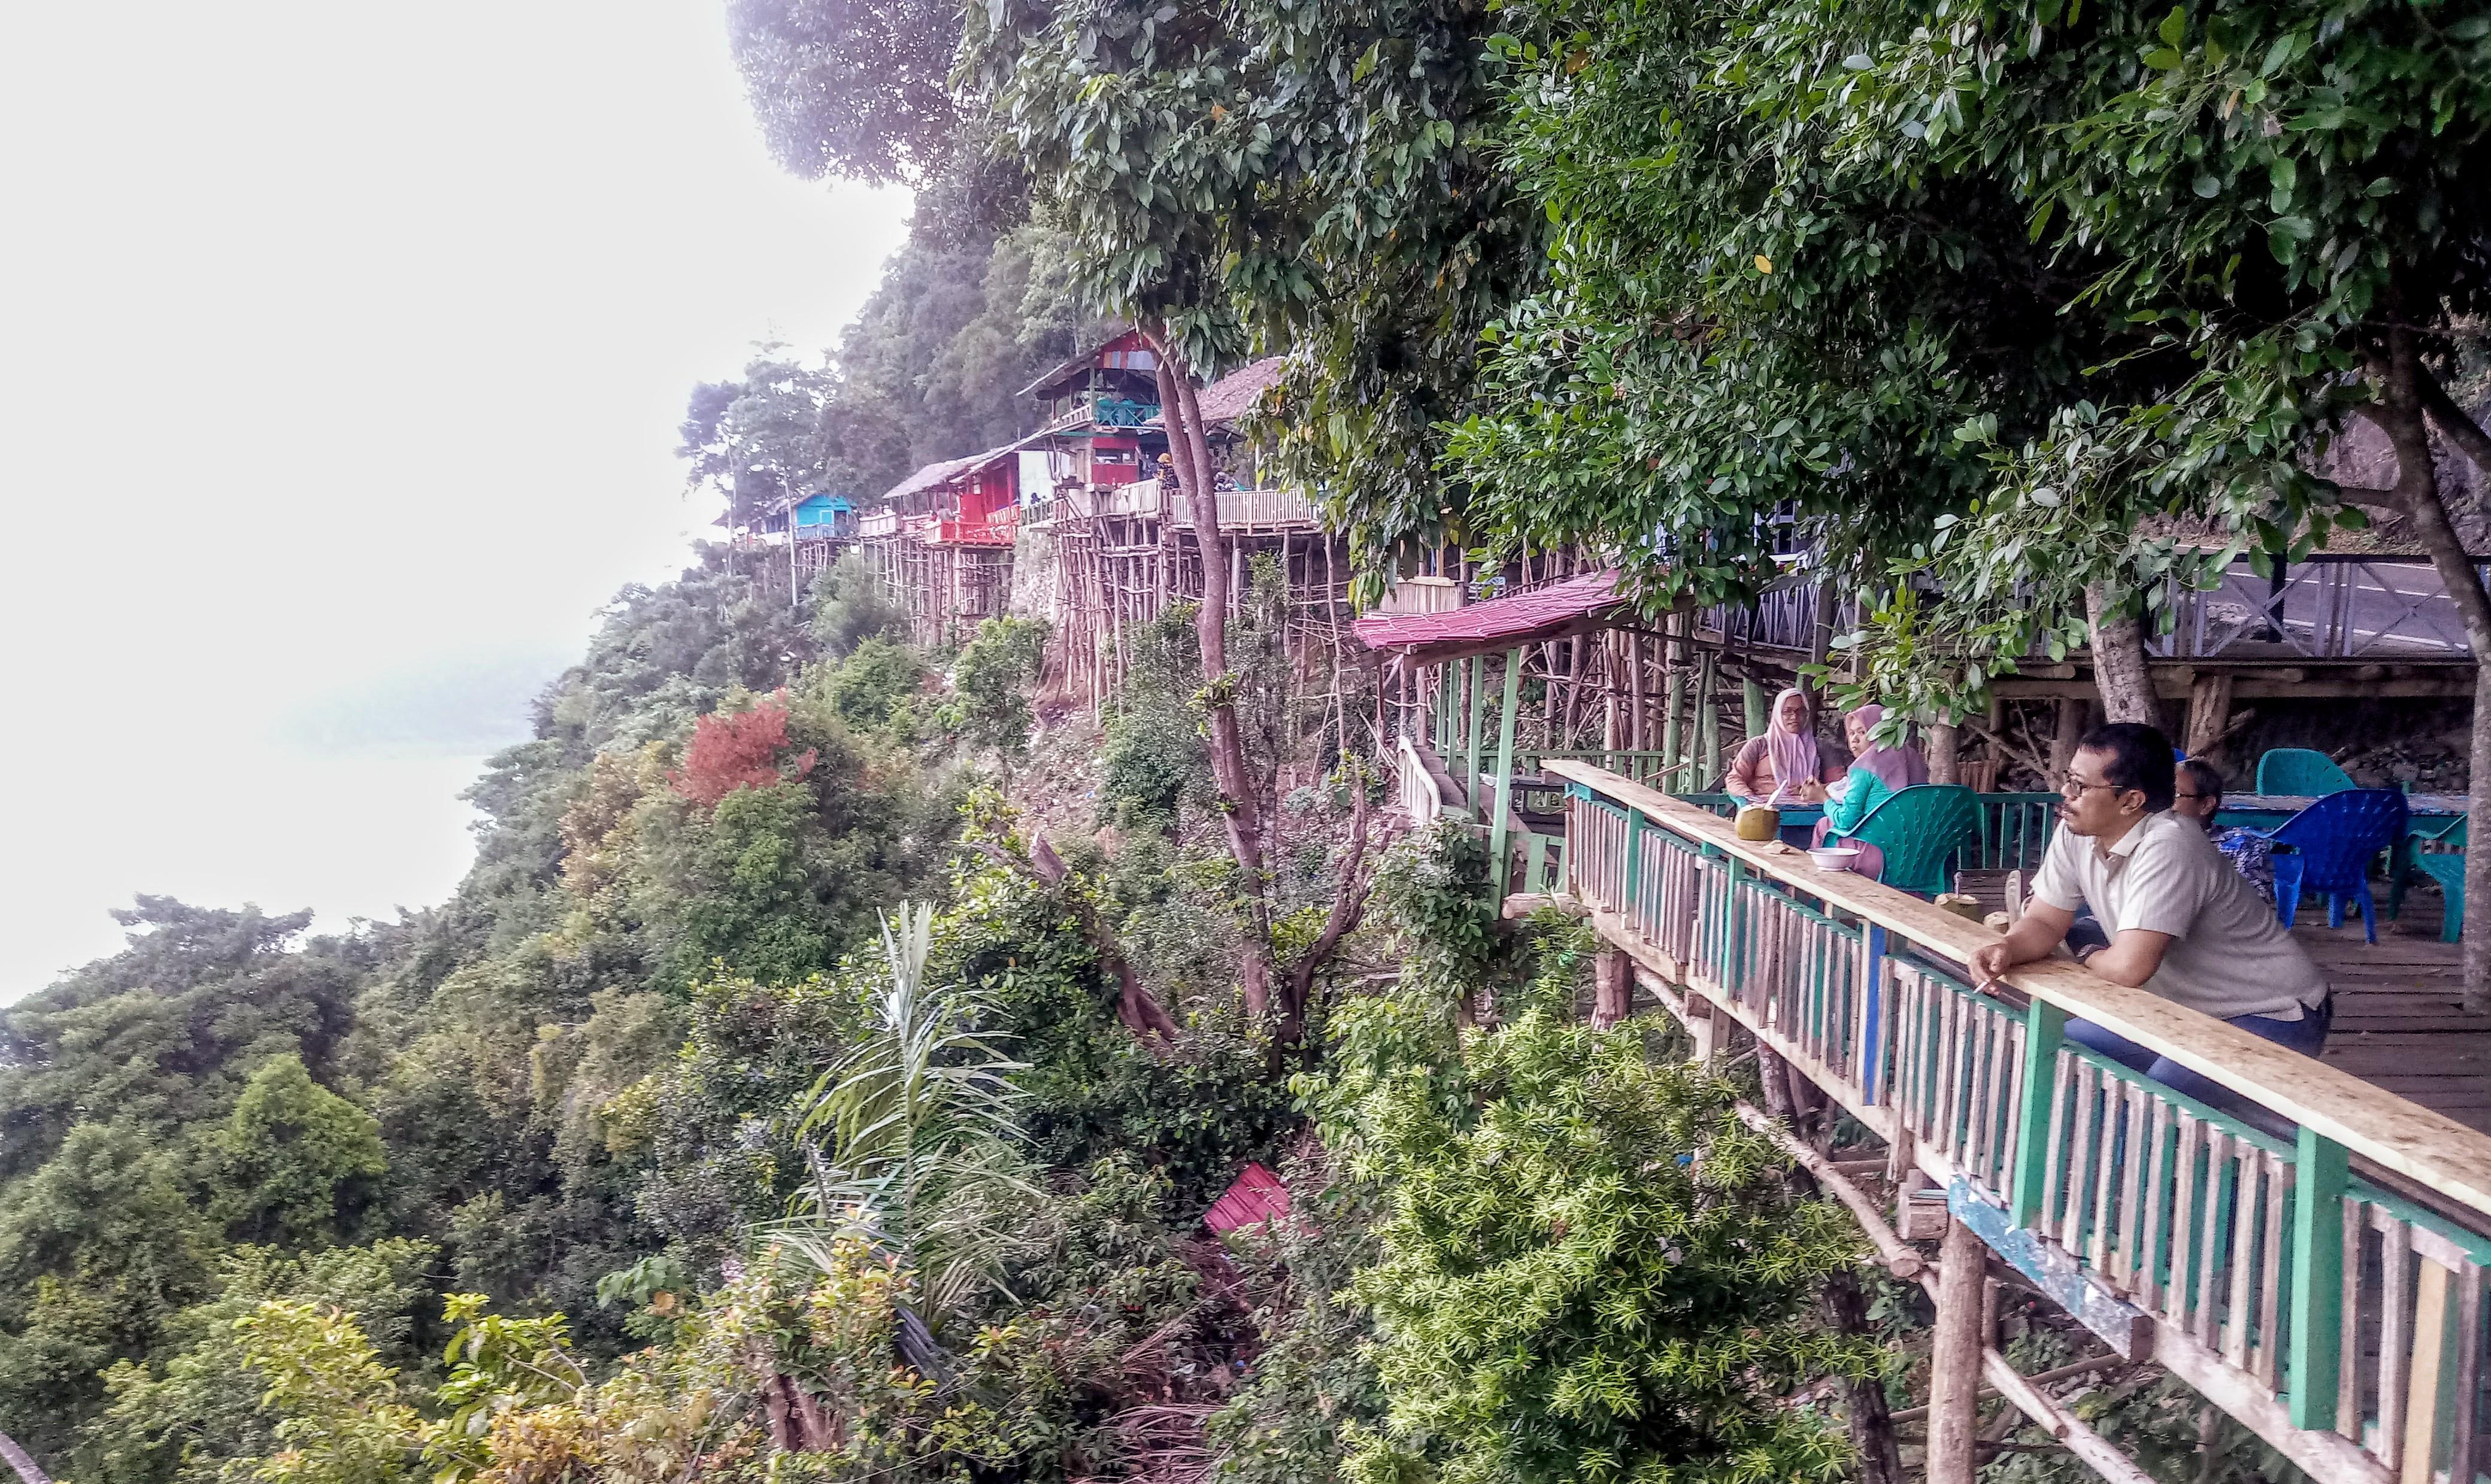 wisata Tebing Geureutee Aceh - berdesa